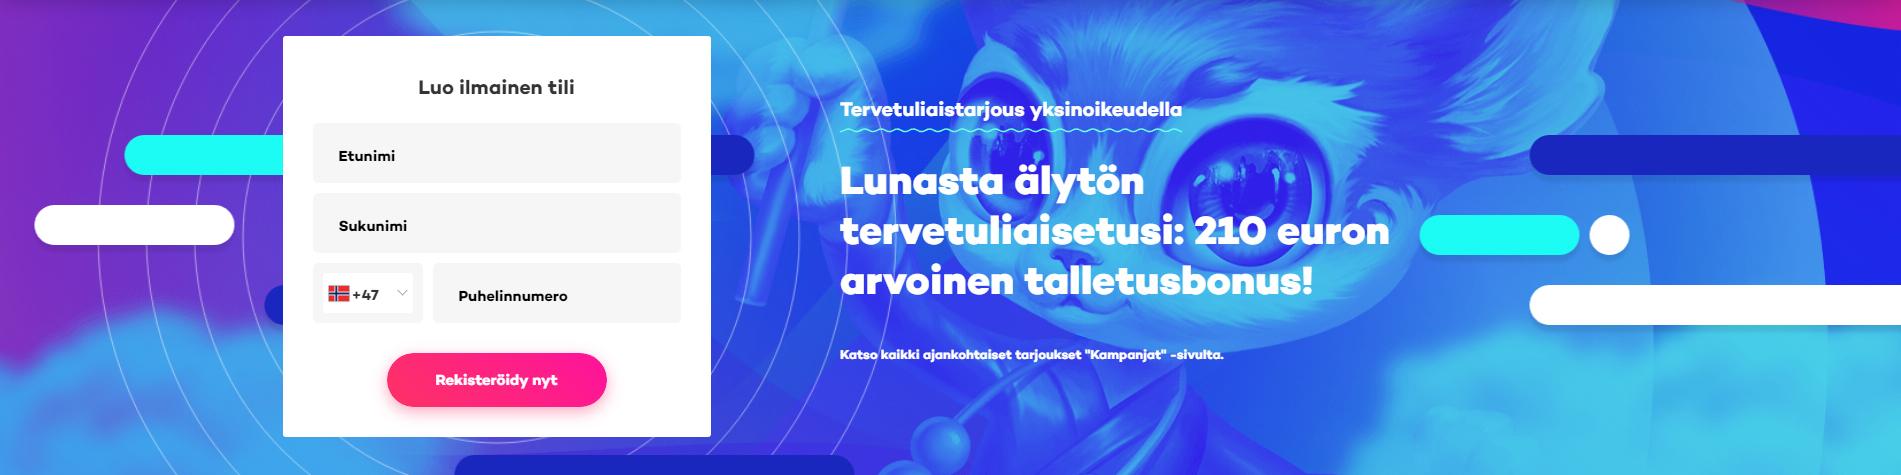 21.com-Casino-Finland-Images1